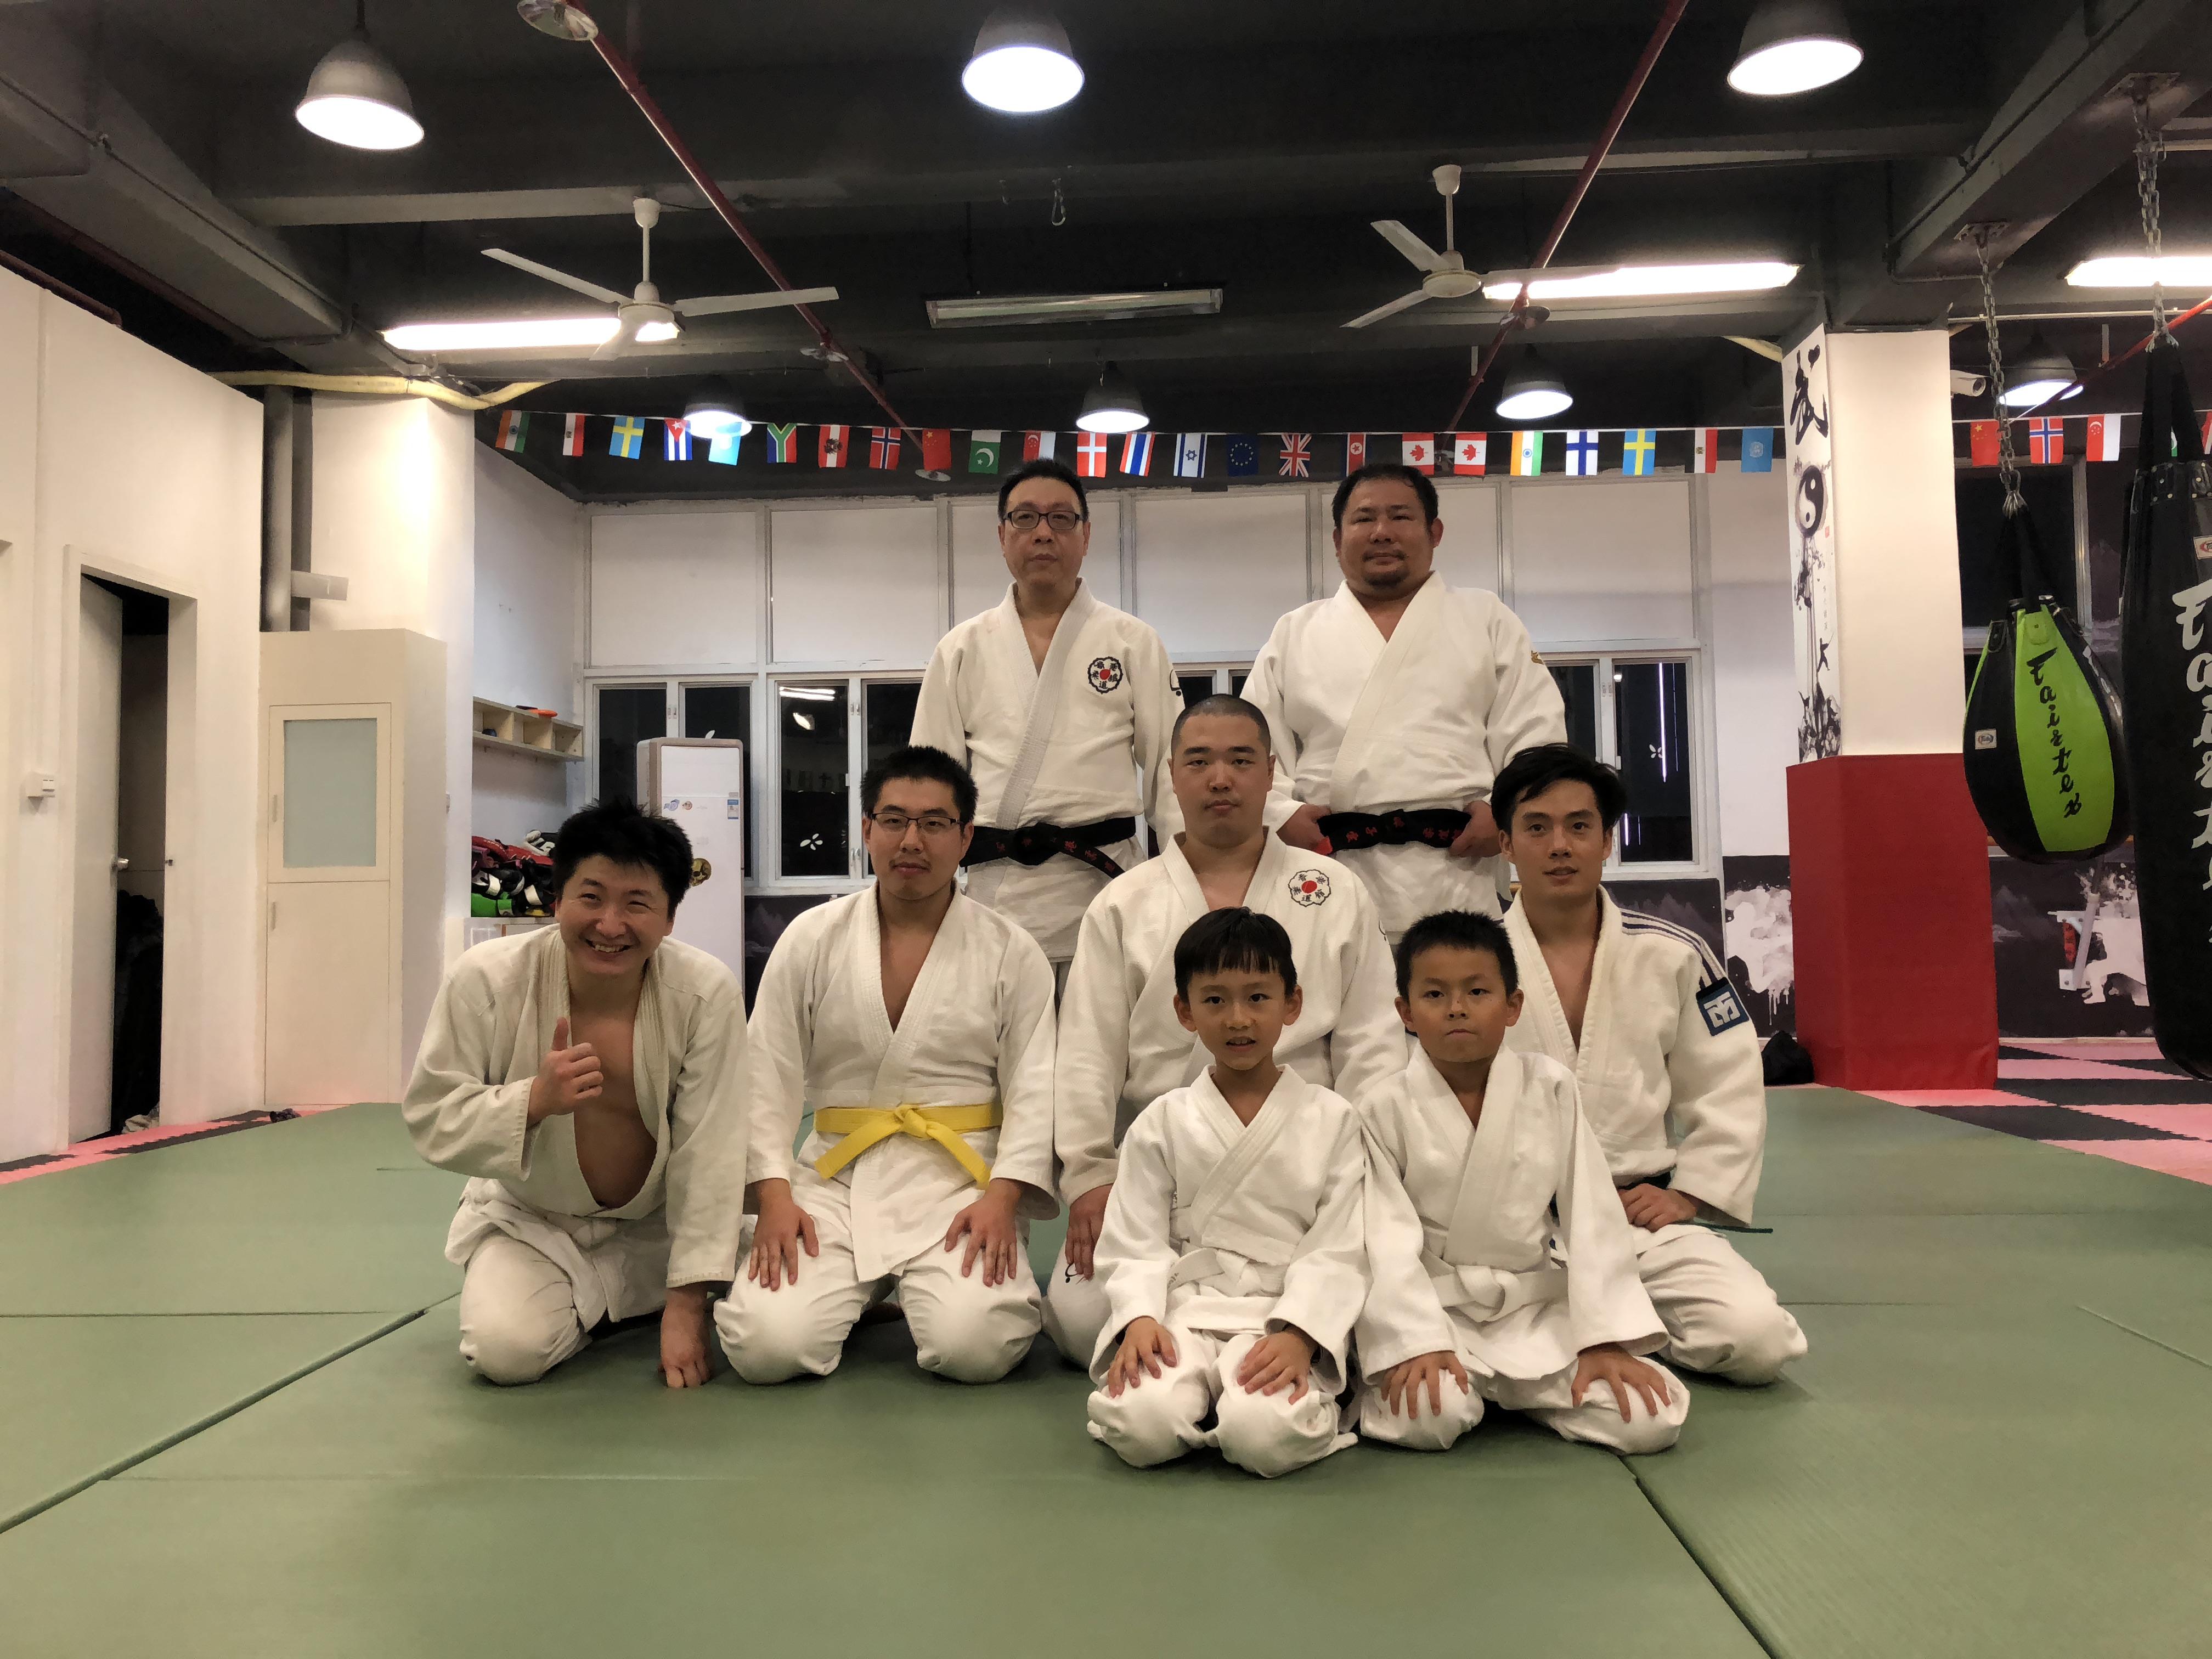 唐堂-柔道课程